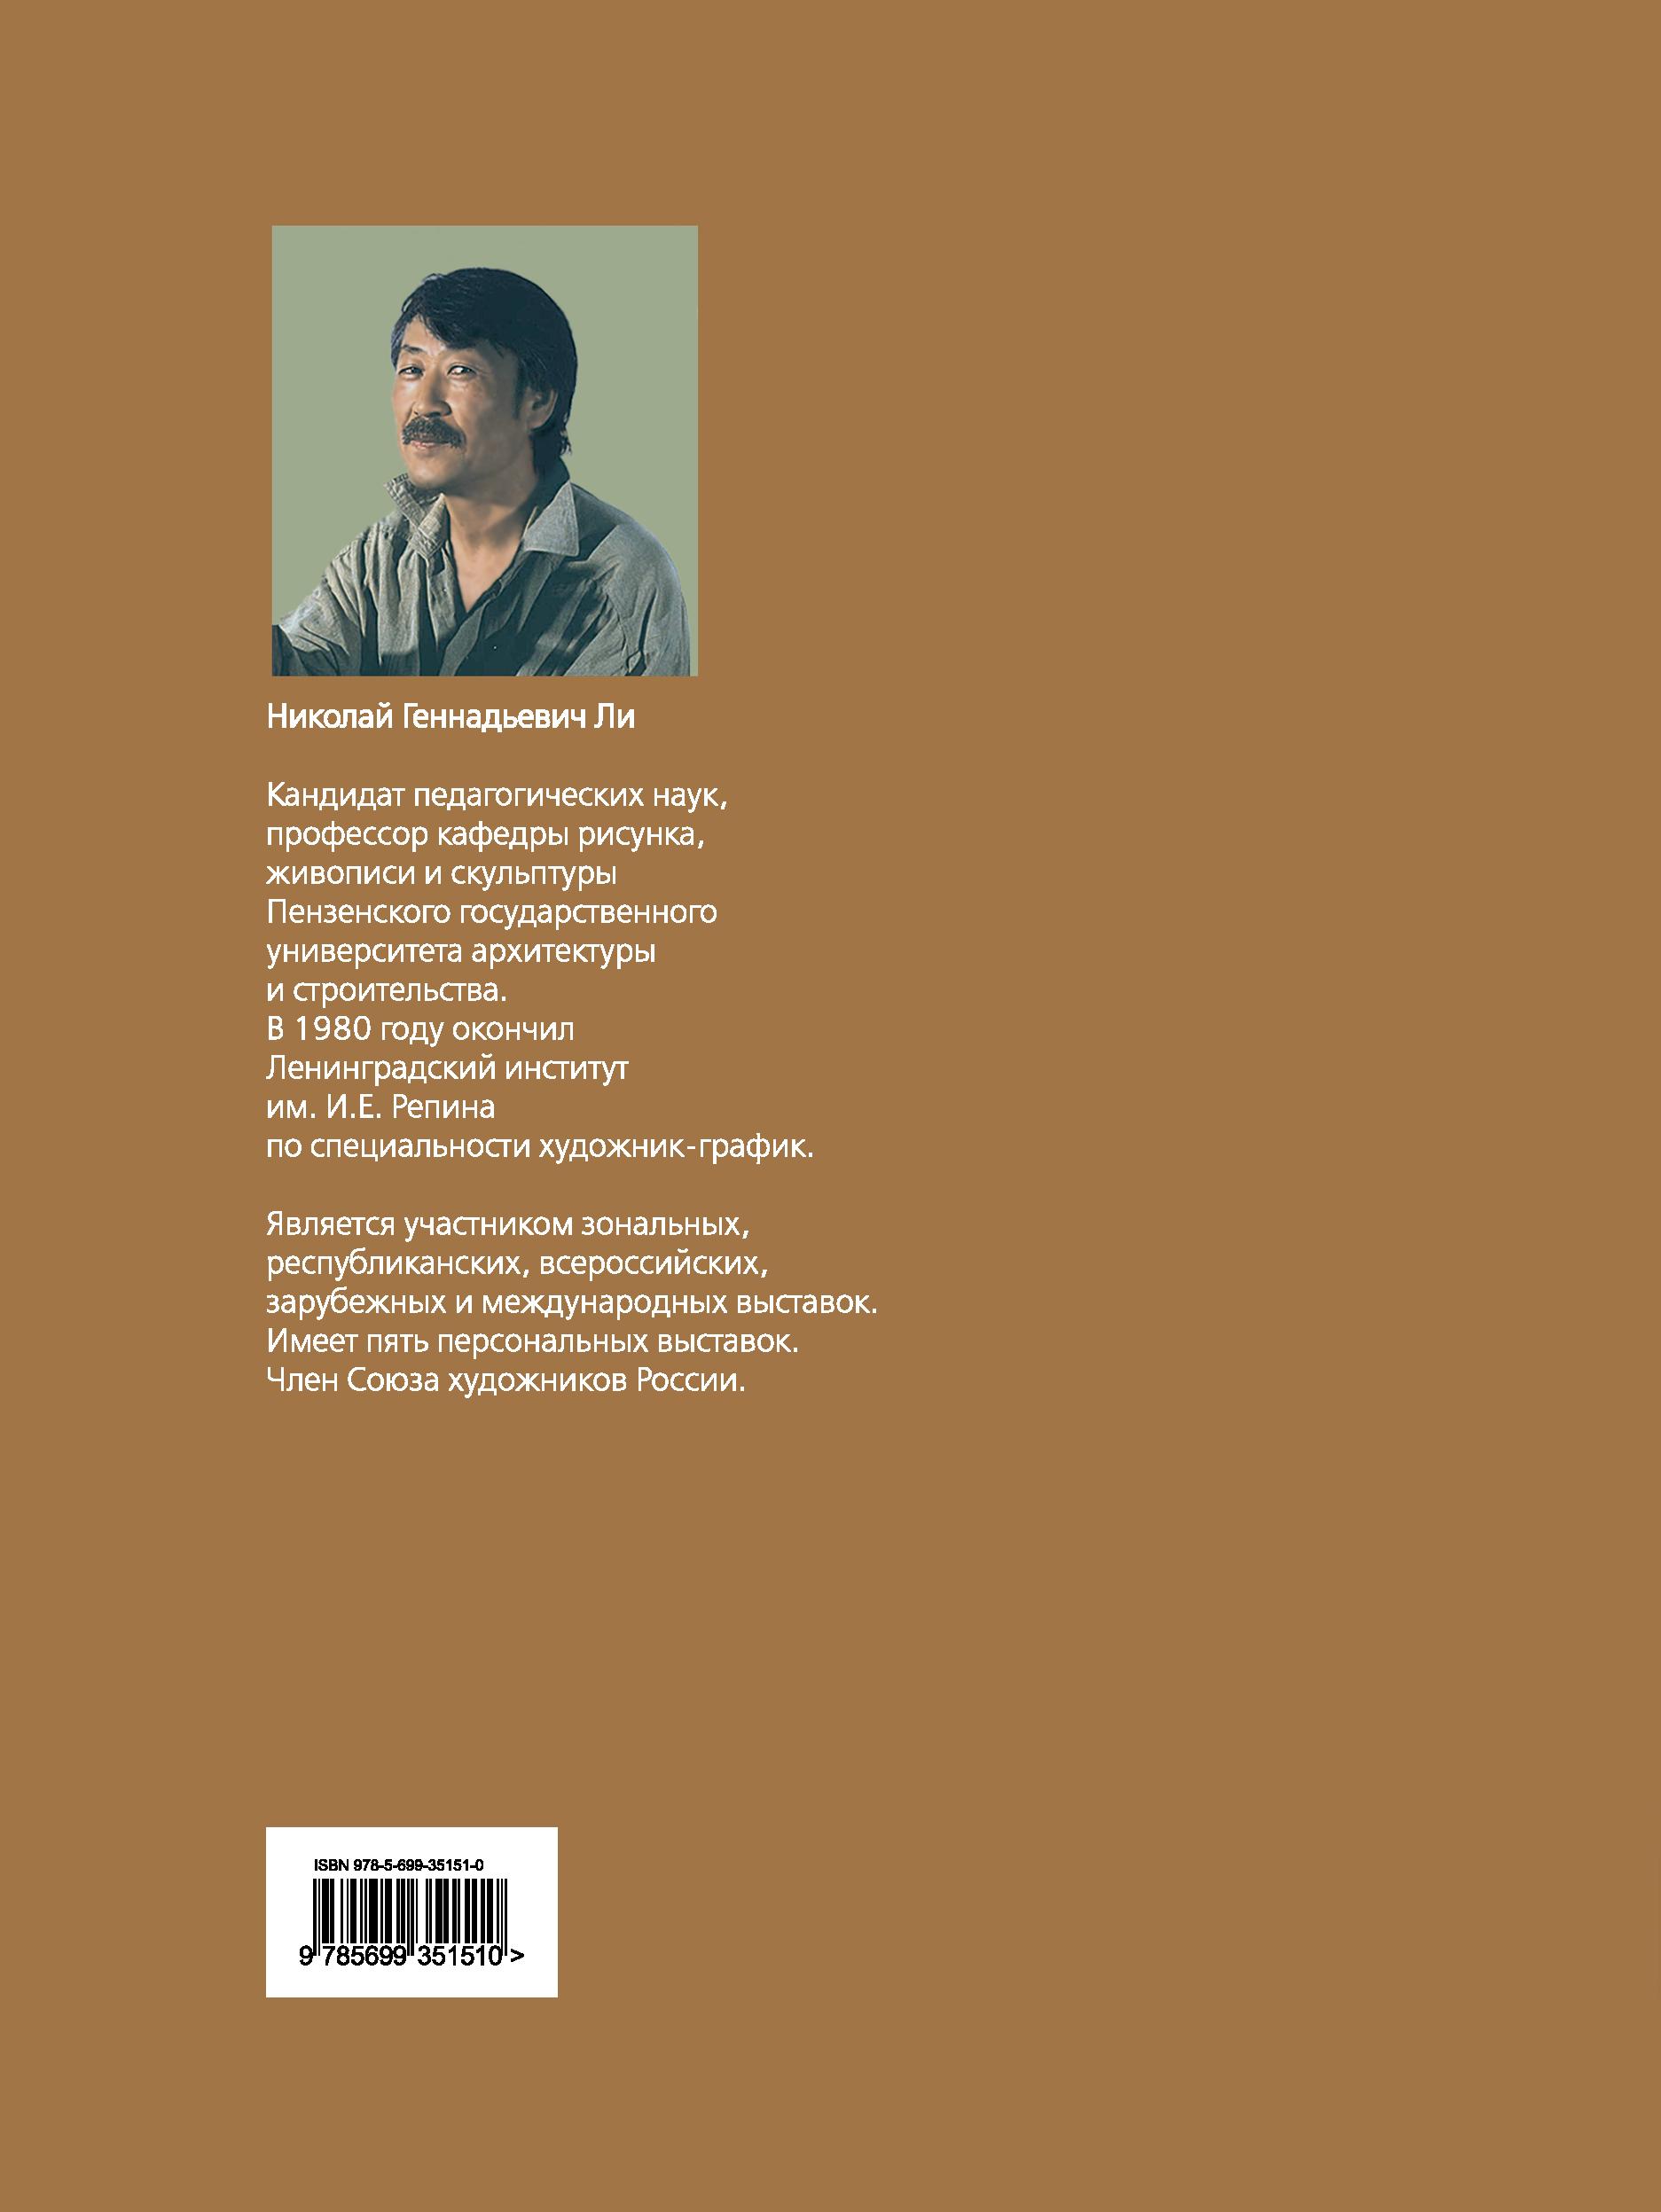 Голова человека. Основы учебного академического рисунка. Учебник